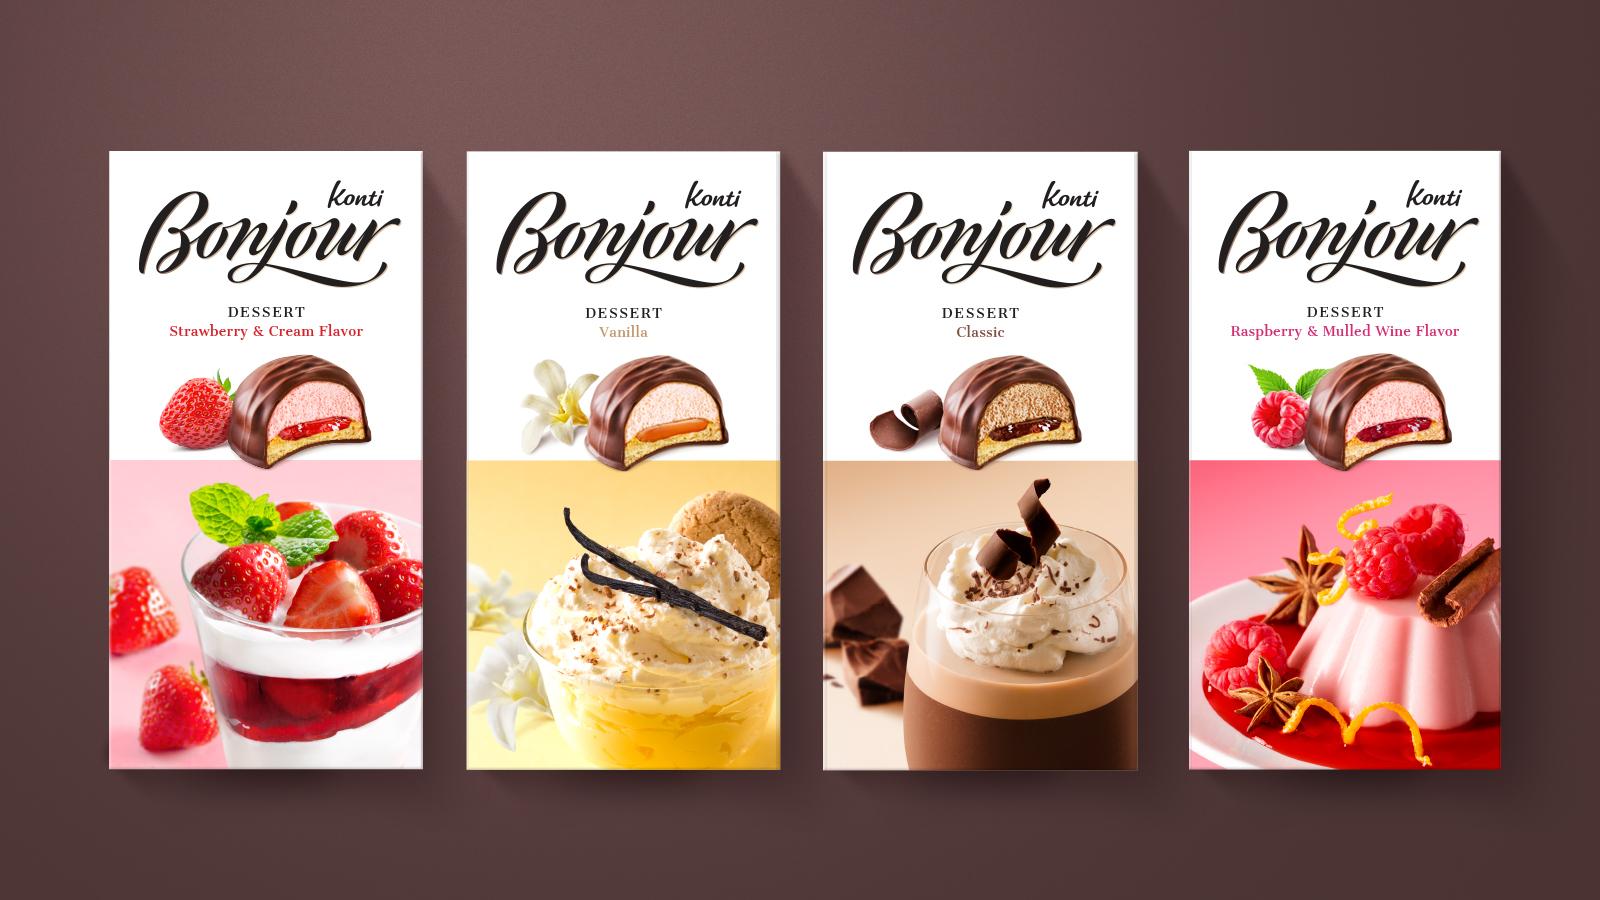 Ребрендинг, стратегический рестайлинг бренда кондитерских изделий Bonjour Группы «Конти»